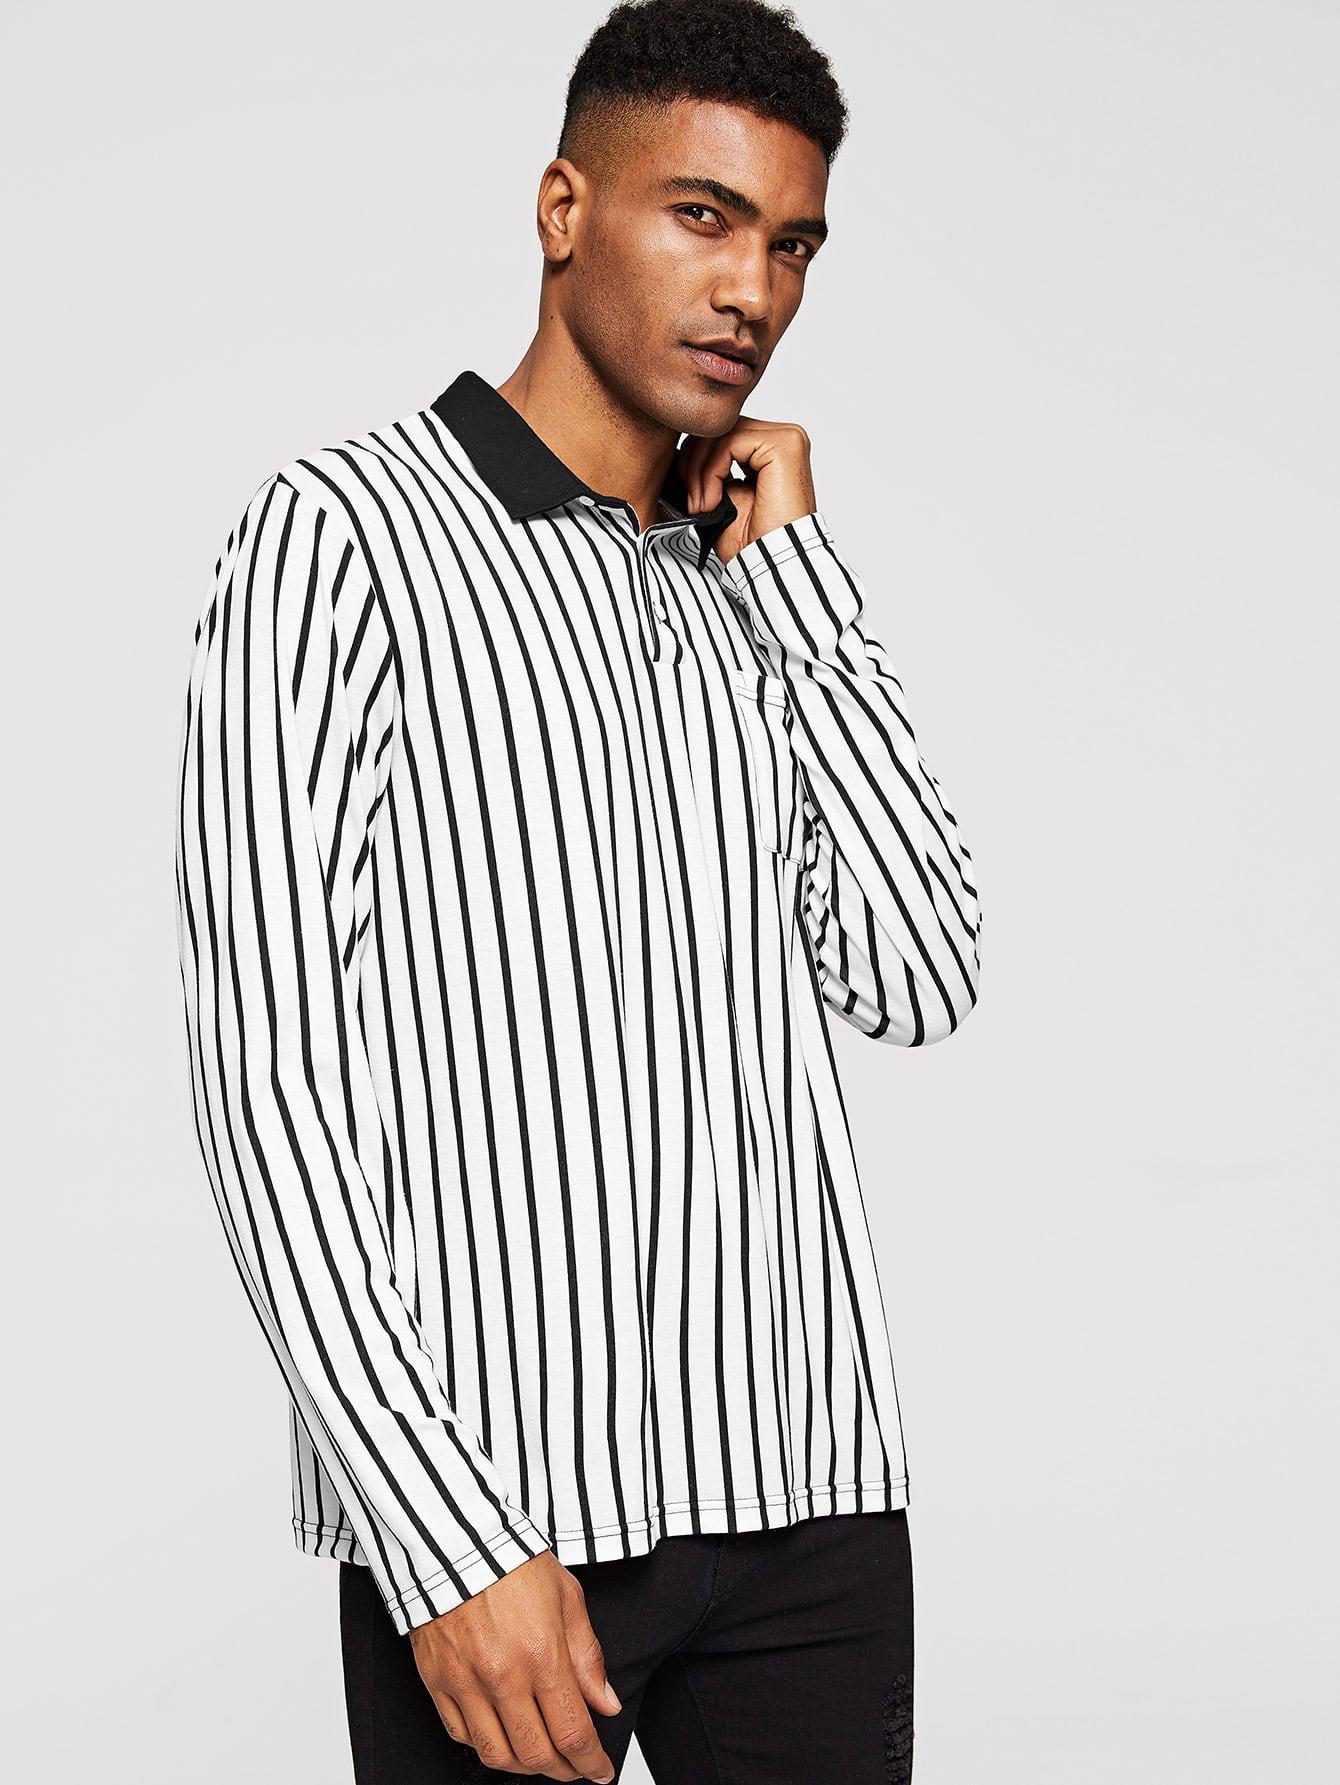 Купить Мужская поло рубашка в полоску с контрастным вырезом, Johnn Silva, SheIn